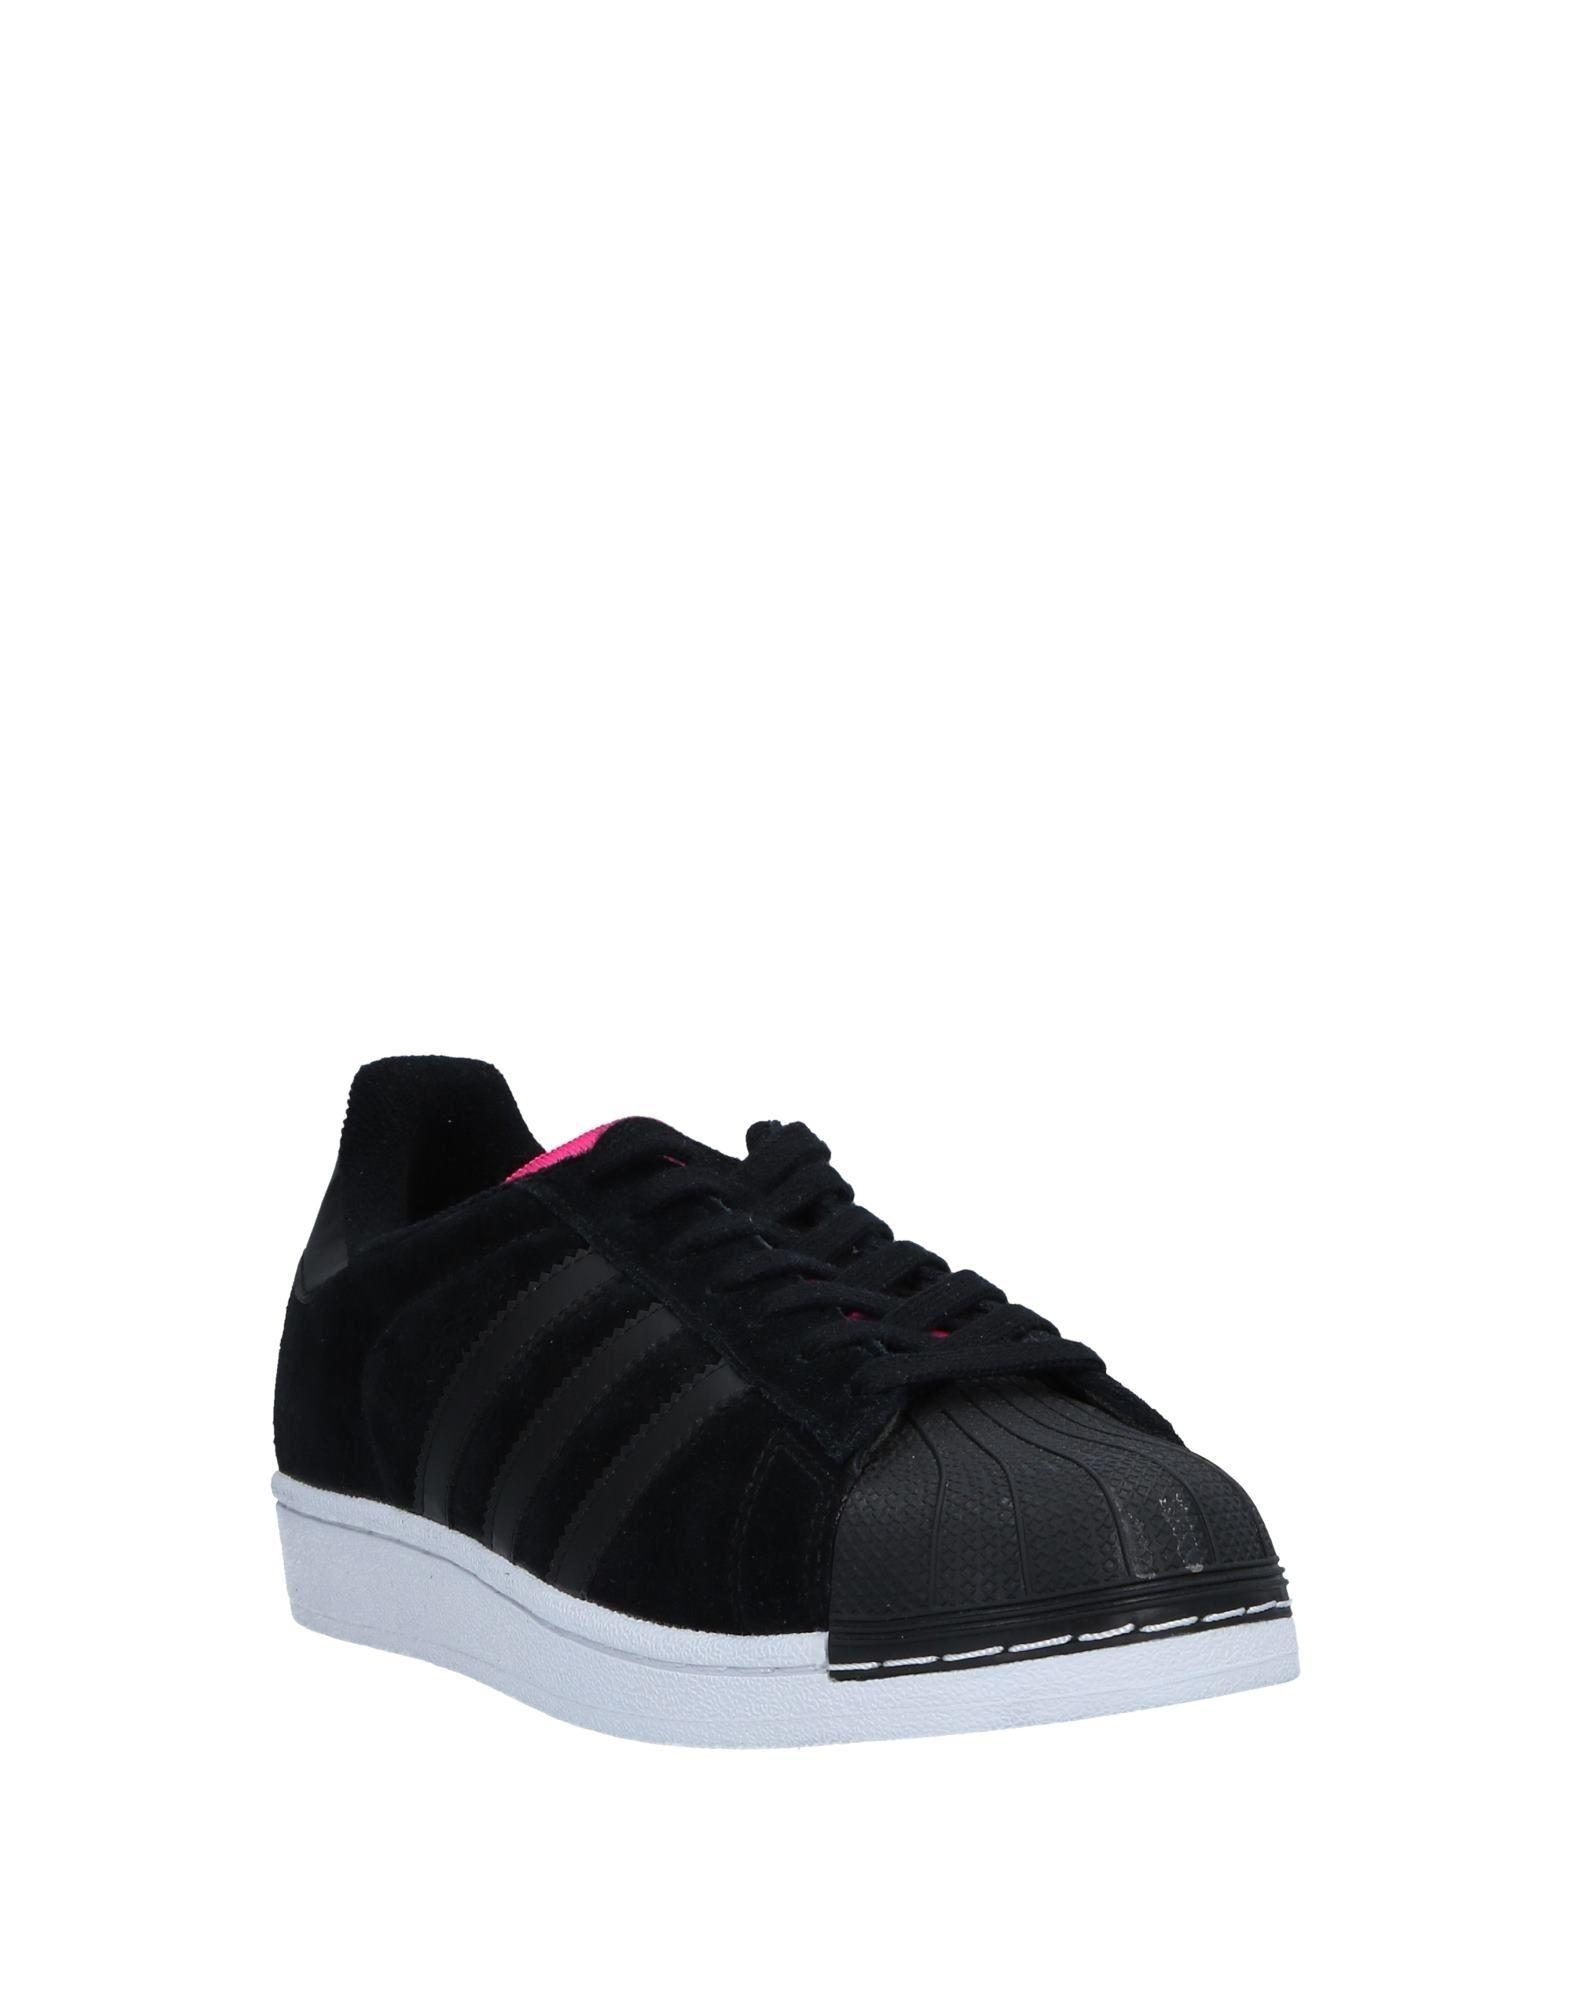 Adidas 11535217CL Originals Sneakers Damen  11535217CL Adidas  595728